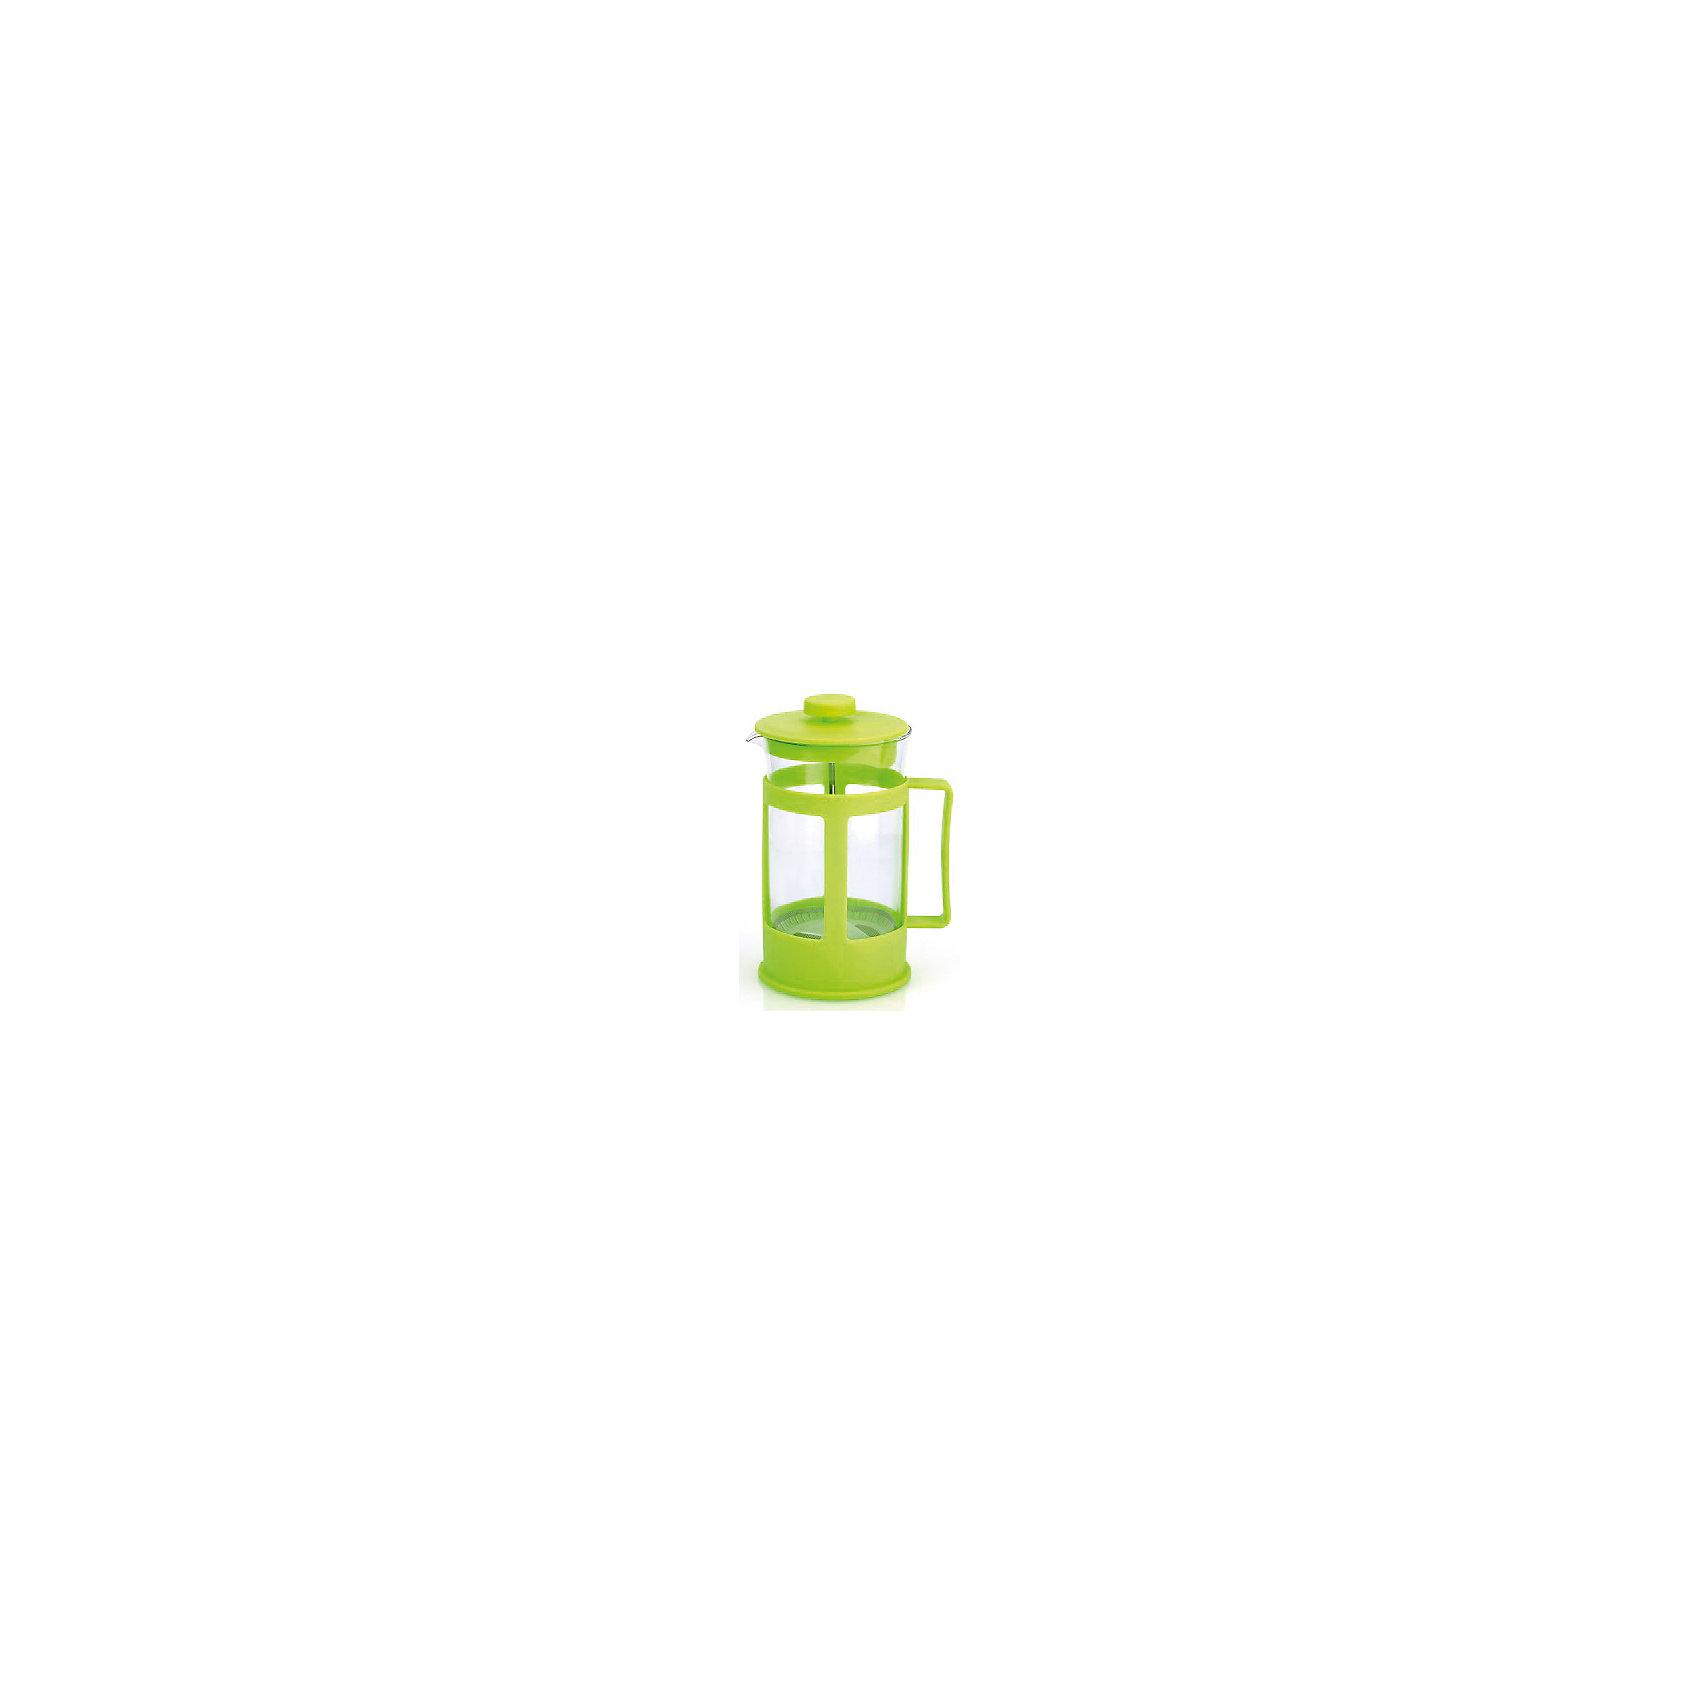 Кофейник стеклянный 600 мл, МФК-профит, зеленыйБытовая техника для кухни<br>Кофейник стеклянный 600 мл, МФК-профит, зеленый.<br><br>Характеристики:<br><br>• Объем: 600 мл.<br>• Цвет: зеленый<br>• Материал: стекло, пластик<br>• Размер упаковки: 11х10х18 см.<br>• Вес: 347 гр.<br><br>Кофейник для приготовления кофе, чая и настоев изготовлен из экологически чистых и безопасных материалов: корпус из высококачественного нетоксичного пластика, колба из термостойкого стекла (термостойкость до 100 ?С). Кофейник имеет удобную ручку. Не рекомендуется использовать в микроволновой печи.<br><br>Кофейник стеклянный 600 мл, МФК-профит, зеленый можно купить в нашем интернет-магазине.<br><br>Ширина мм: 110<br>Глубина мм: 100<br>Высота мм: 180<br>Вес г: 347<br>Возраст от месяцев: 36<br>Возраст до месяцев: 1188<br>Пол: Унисекс<br>Возраст: Детский<br>SKU: 5601144